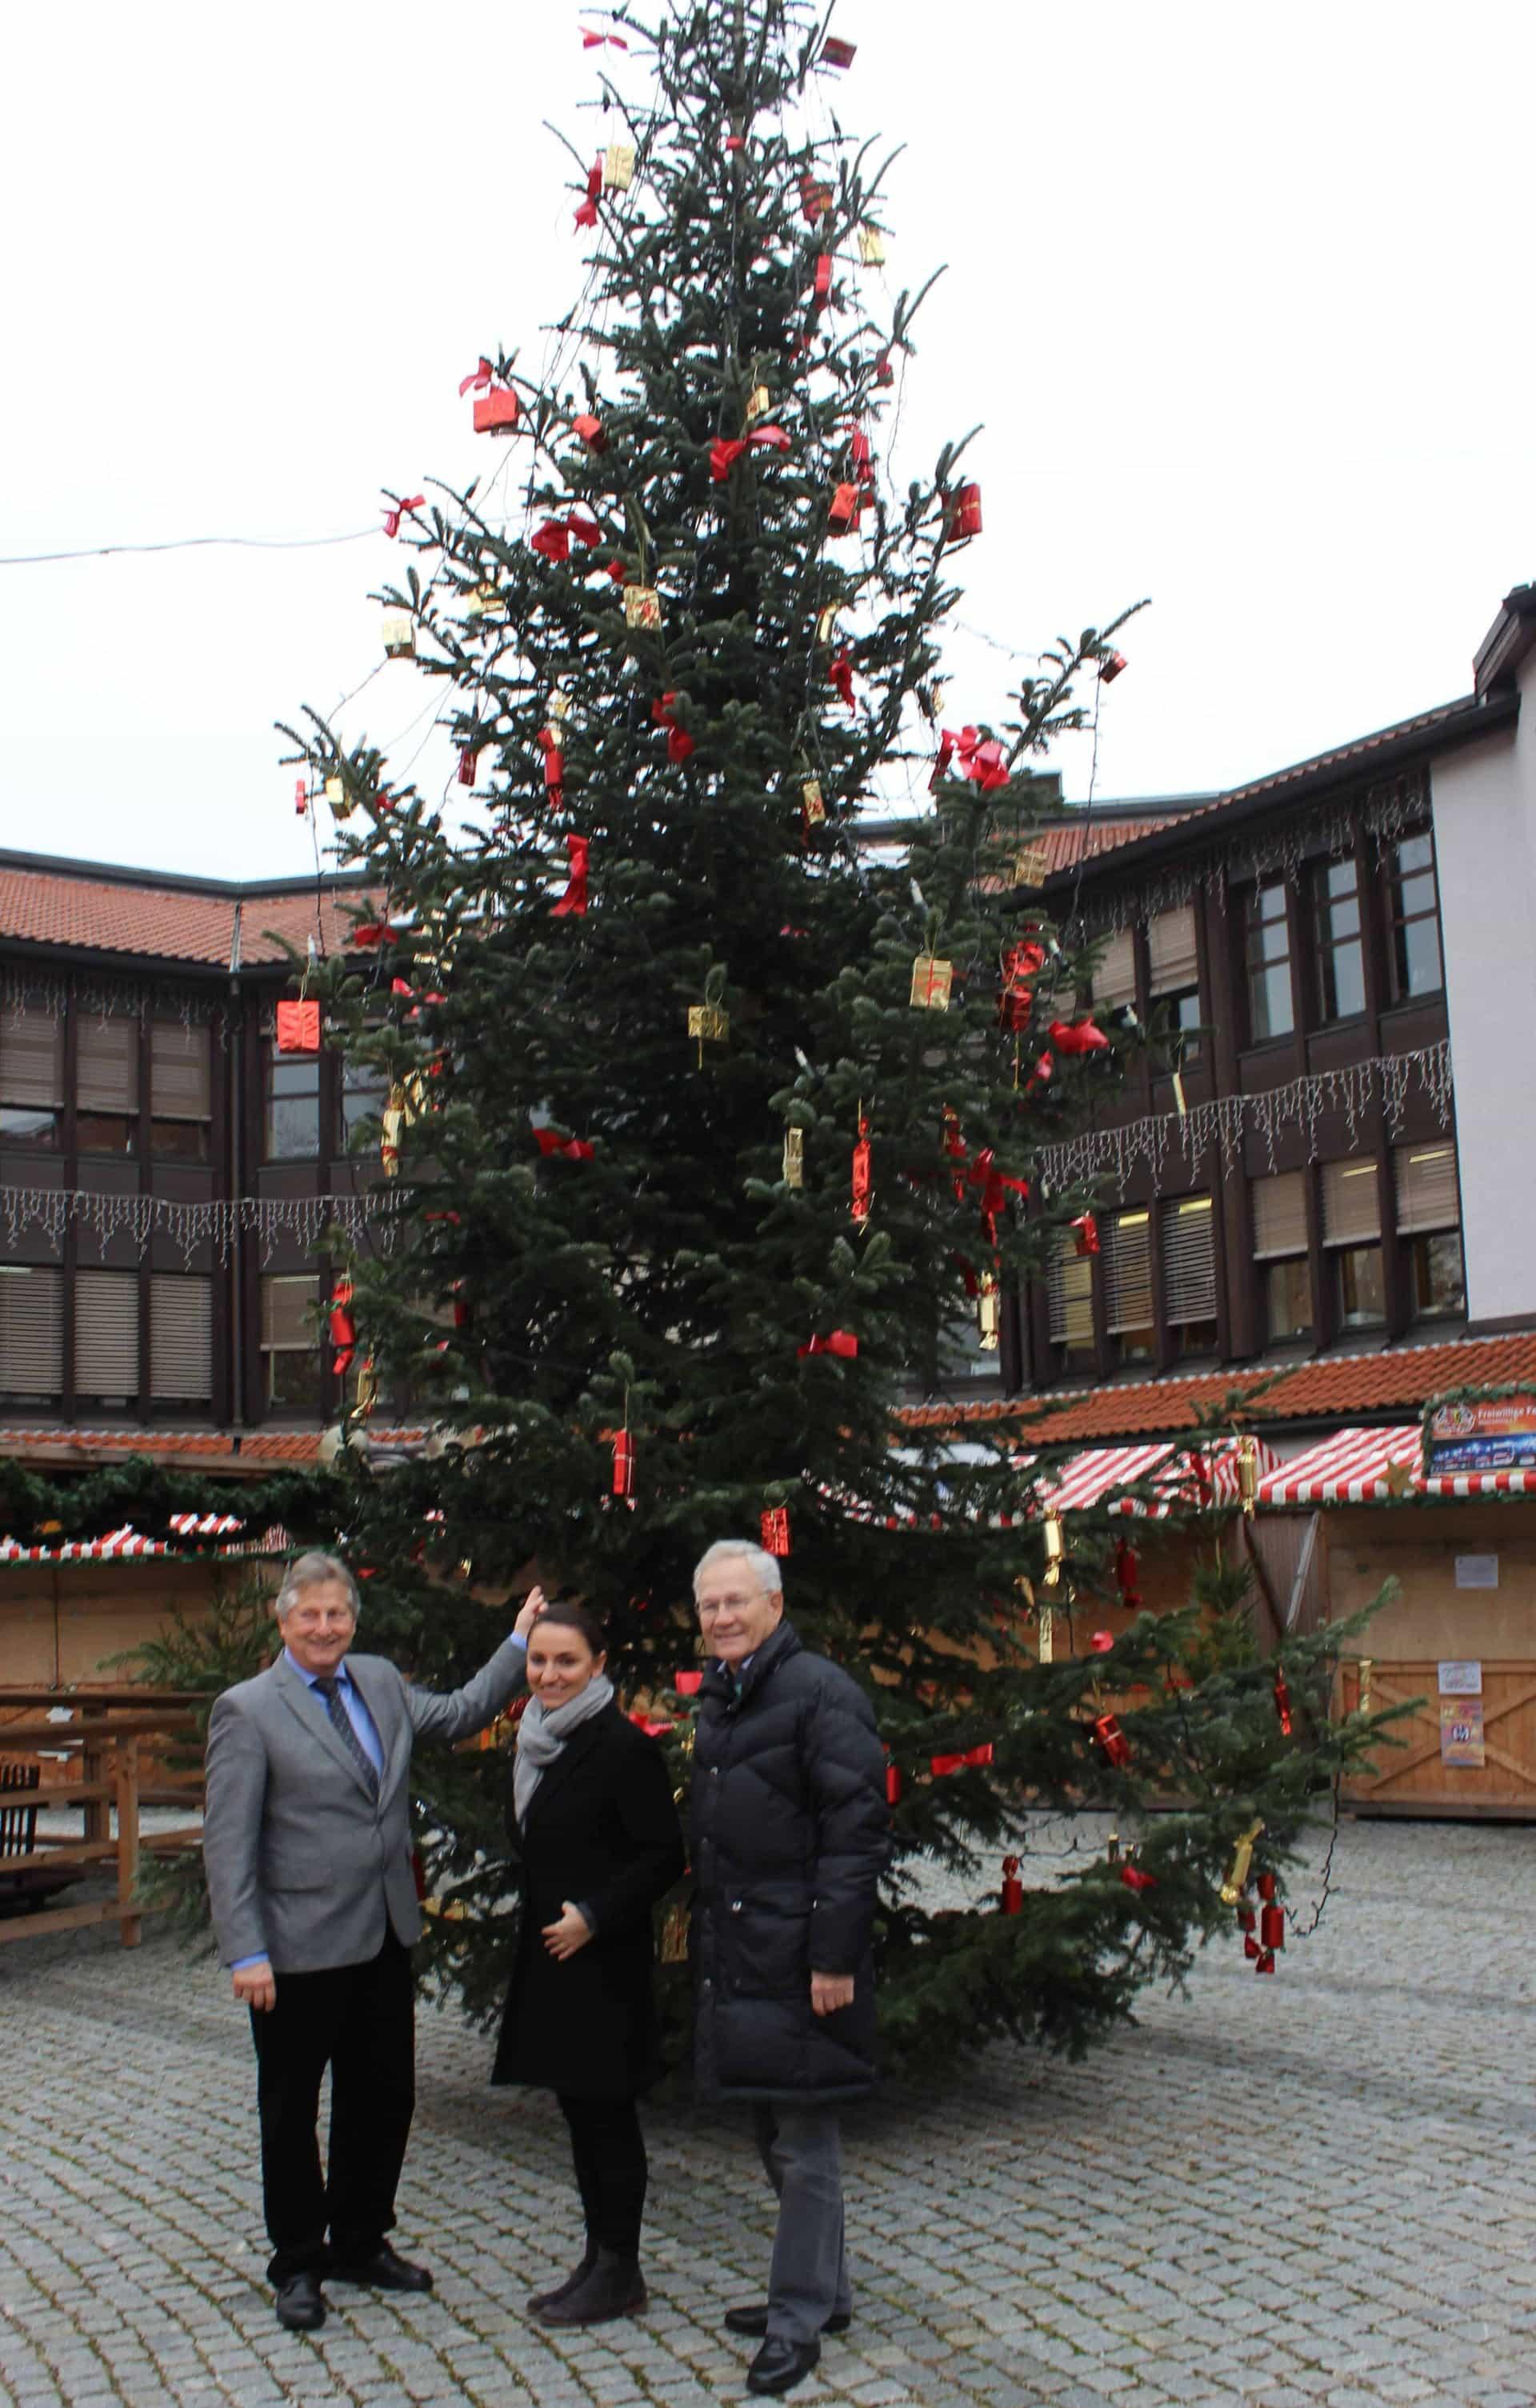 Wunderschöner  Weihnachtsbaum in Neutraubling